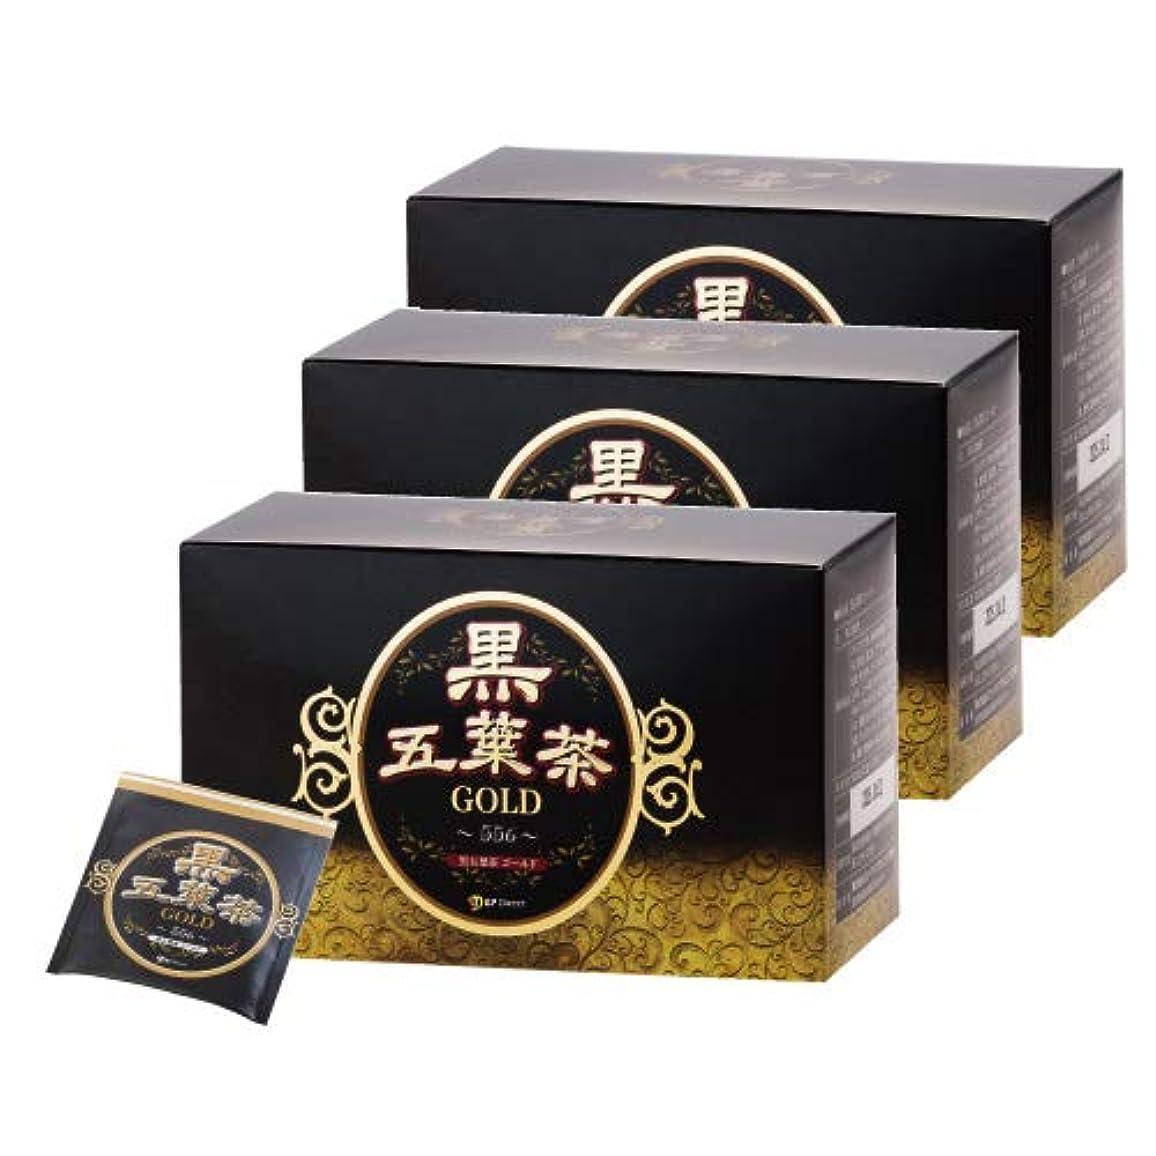 コミュニティうなり声シャープ黒五葉茶ゴールド 30包 3箱セット ダイエット ダイエット茶 ダイエットティー ハーブティー 難消化性デキストリン